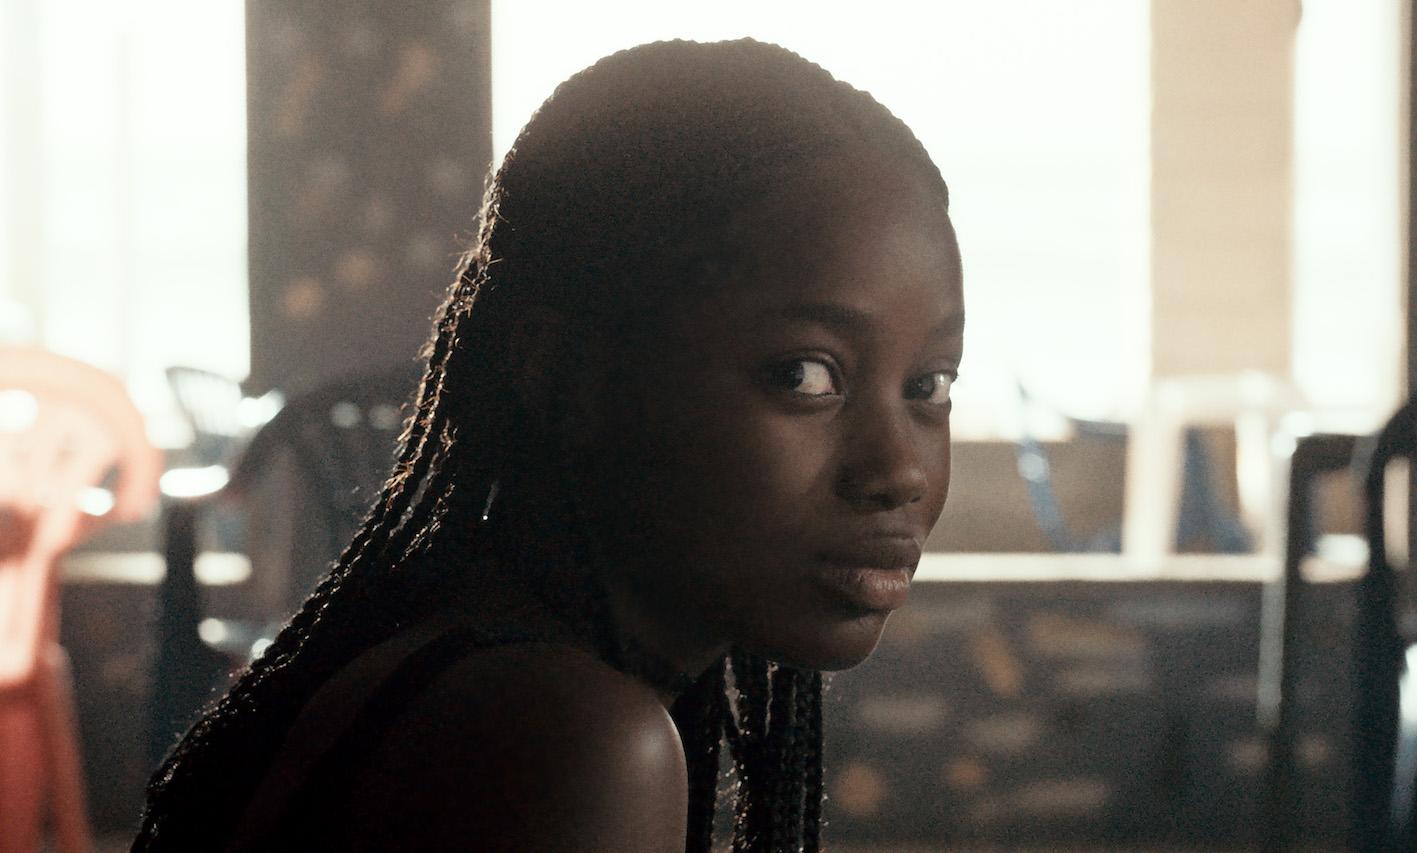 Mati Diop film Atlantique